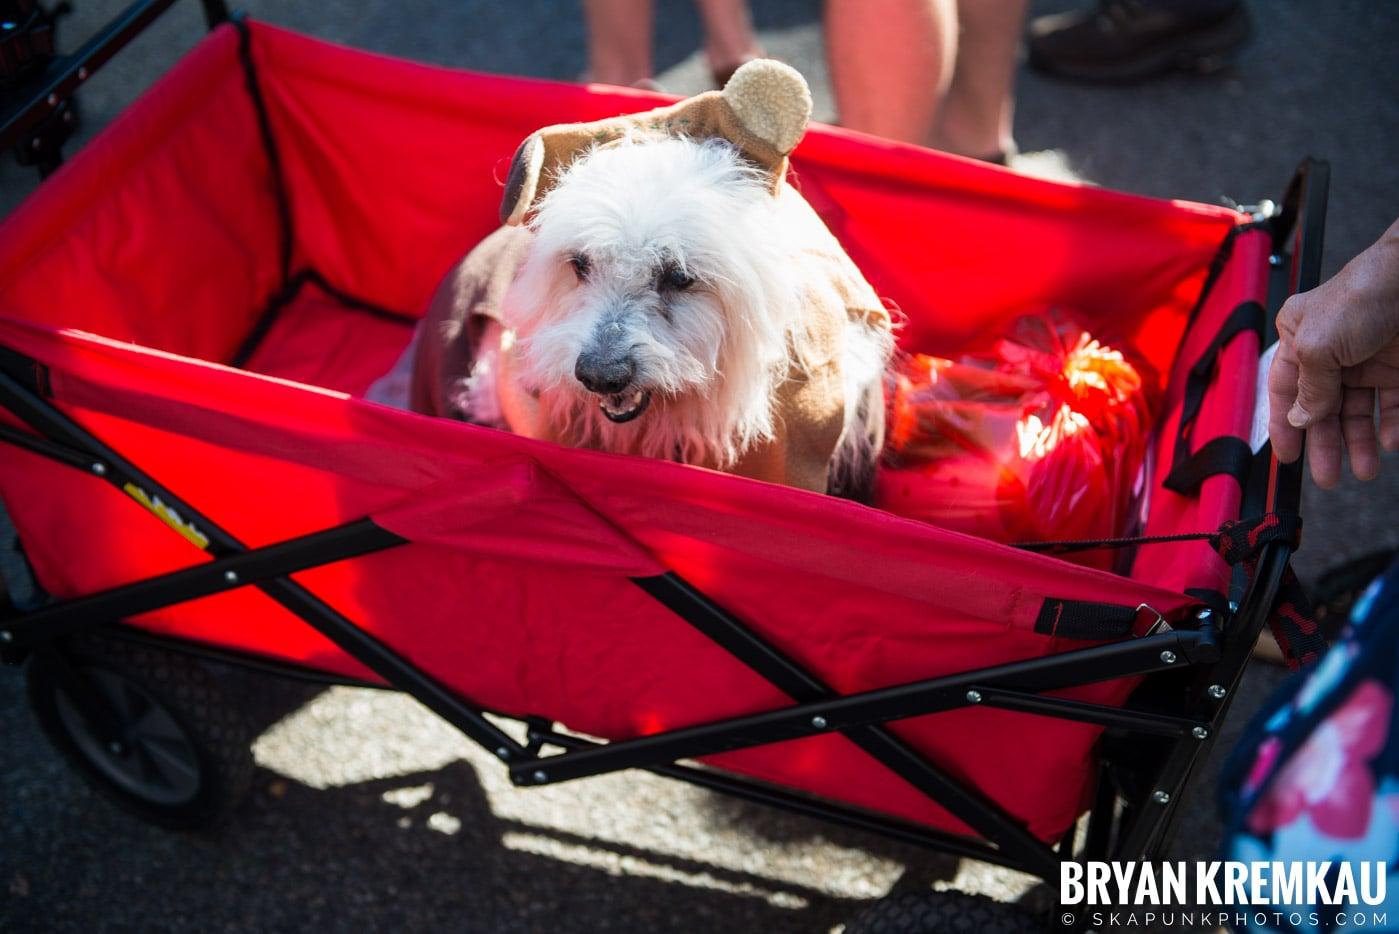 Tompkins Square Park Halloween Dog Parade 2017 @ Tompkins Square Park, NYC - 10.21.17 (28)